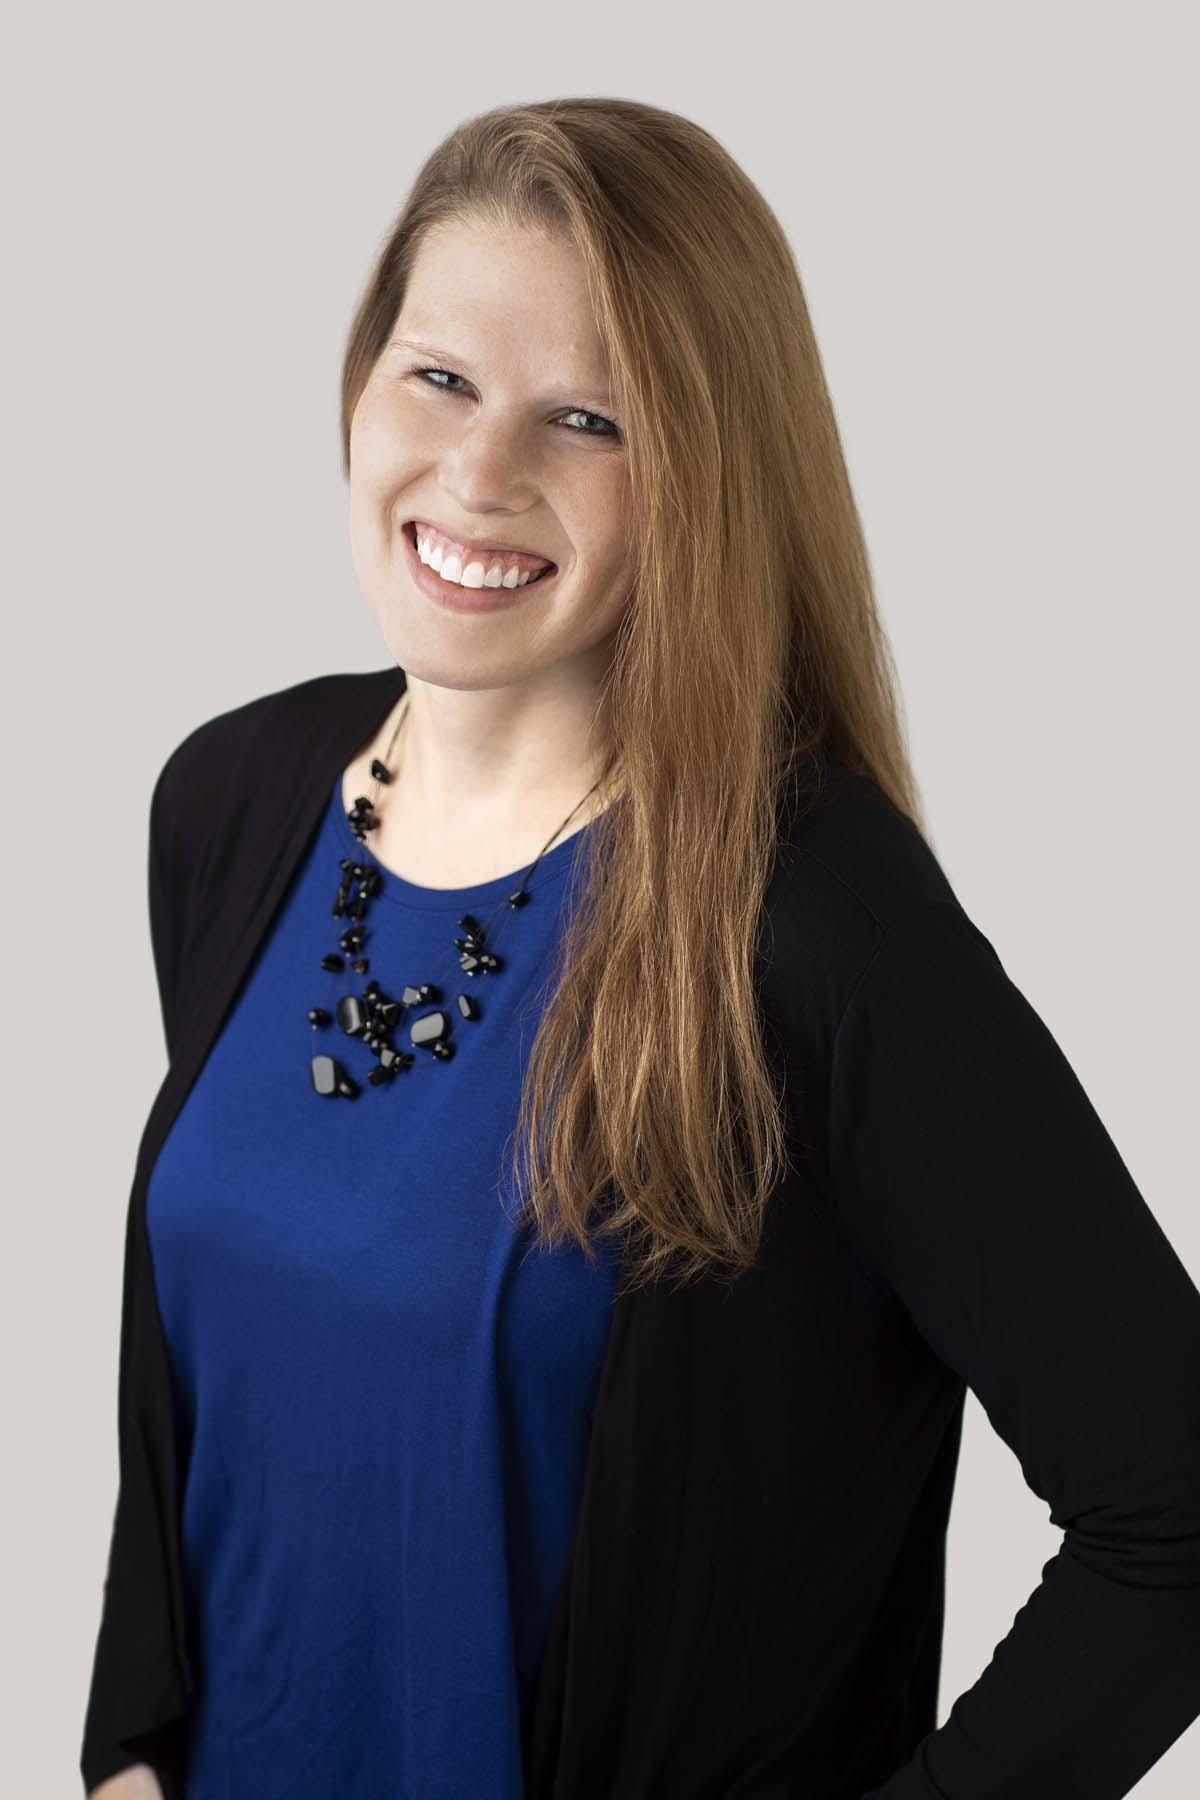 Katie Tryniecki